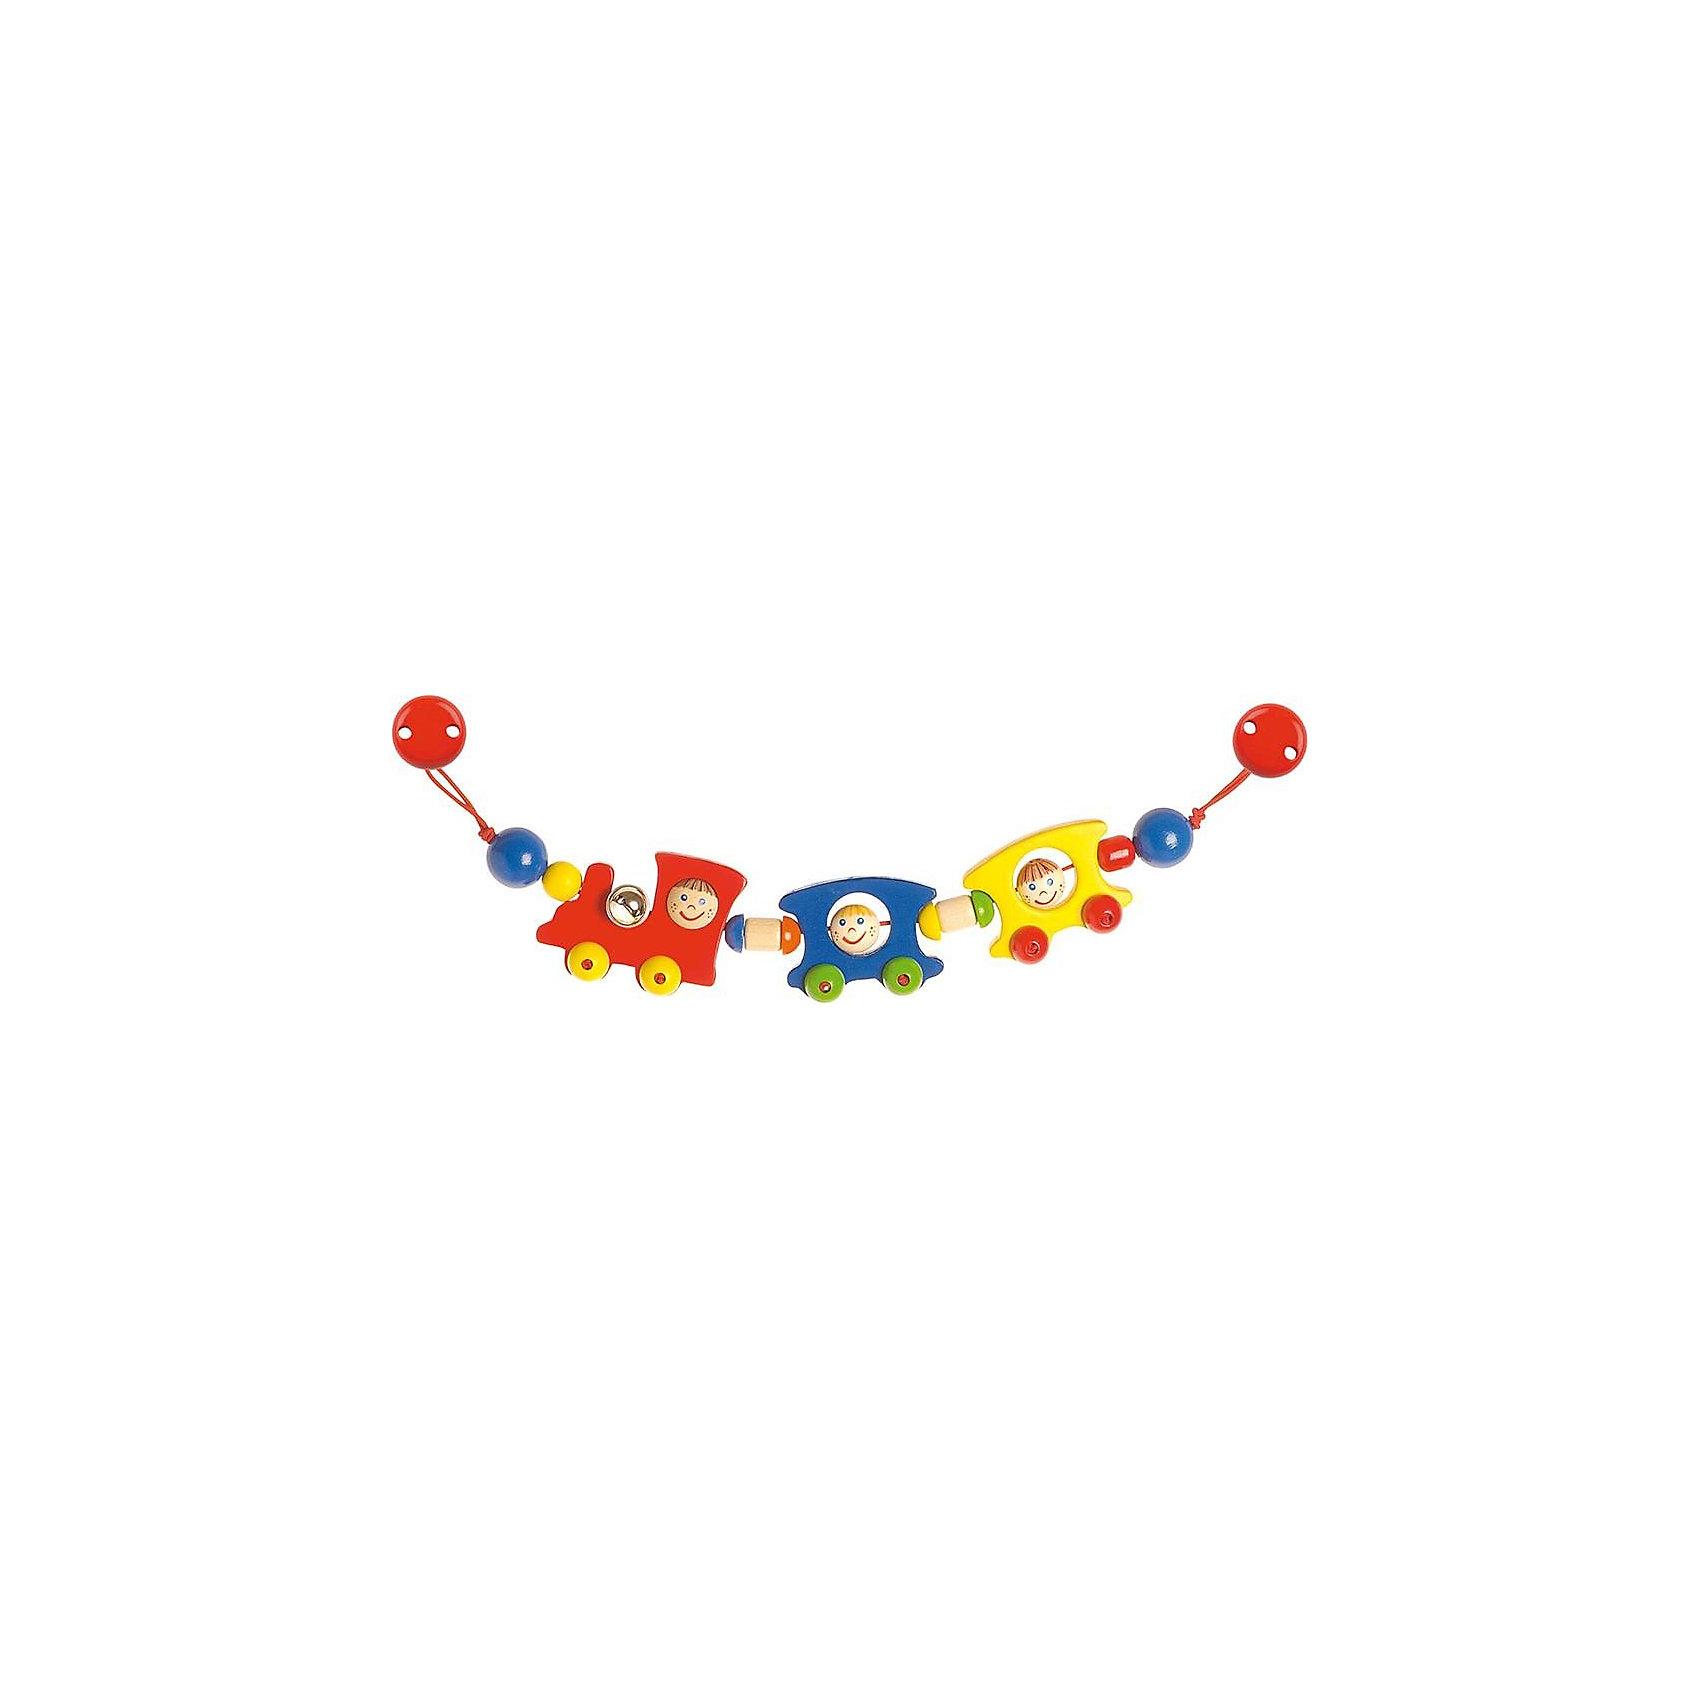 Растяжка на коляску Поезд, HEIMESSHEIMESS Растяжка на коляску с клипсами Паровозик - яркая и красивая игрушка-растяжка  для коляски HEIMESS, выполненная из натурального дерева и окрашенная безопасной для здоровья малышей краской на водной основе.  <br><br>Игрушка может использоваться с рождения.<br><br>Растяжка на клипсах может крепиться не только на коляску, но и на автокресло, а также прикрепляться к любым текстильным поверхностям.<br>У игрушки есть маленький колокольчик. <br><br>Дополнительная информация:<br><br>- Длина 40 см.<br>- Материалы: натуральное дерево и нетоксичные краски, колокольчик.<br><br>Ширина мм: 120<br>Глубина мм: 20<br>Высота мм: 400<br>Вес г: 141<br>Возраст от месяцев: 0<br>Возраст до месяцев: 1188<br>Пол: Унисекс<br>Возраст: Детский<br>SKU: 2250239